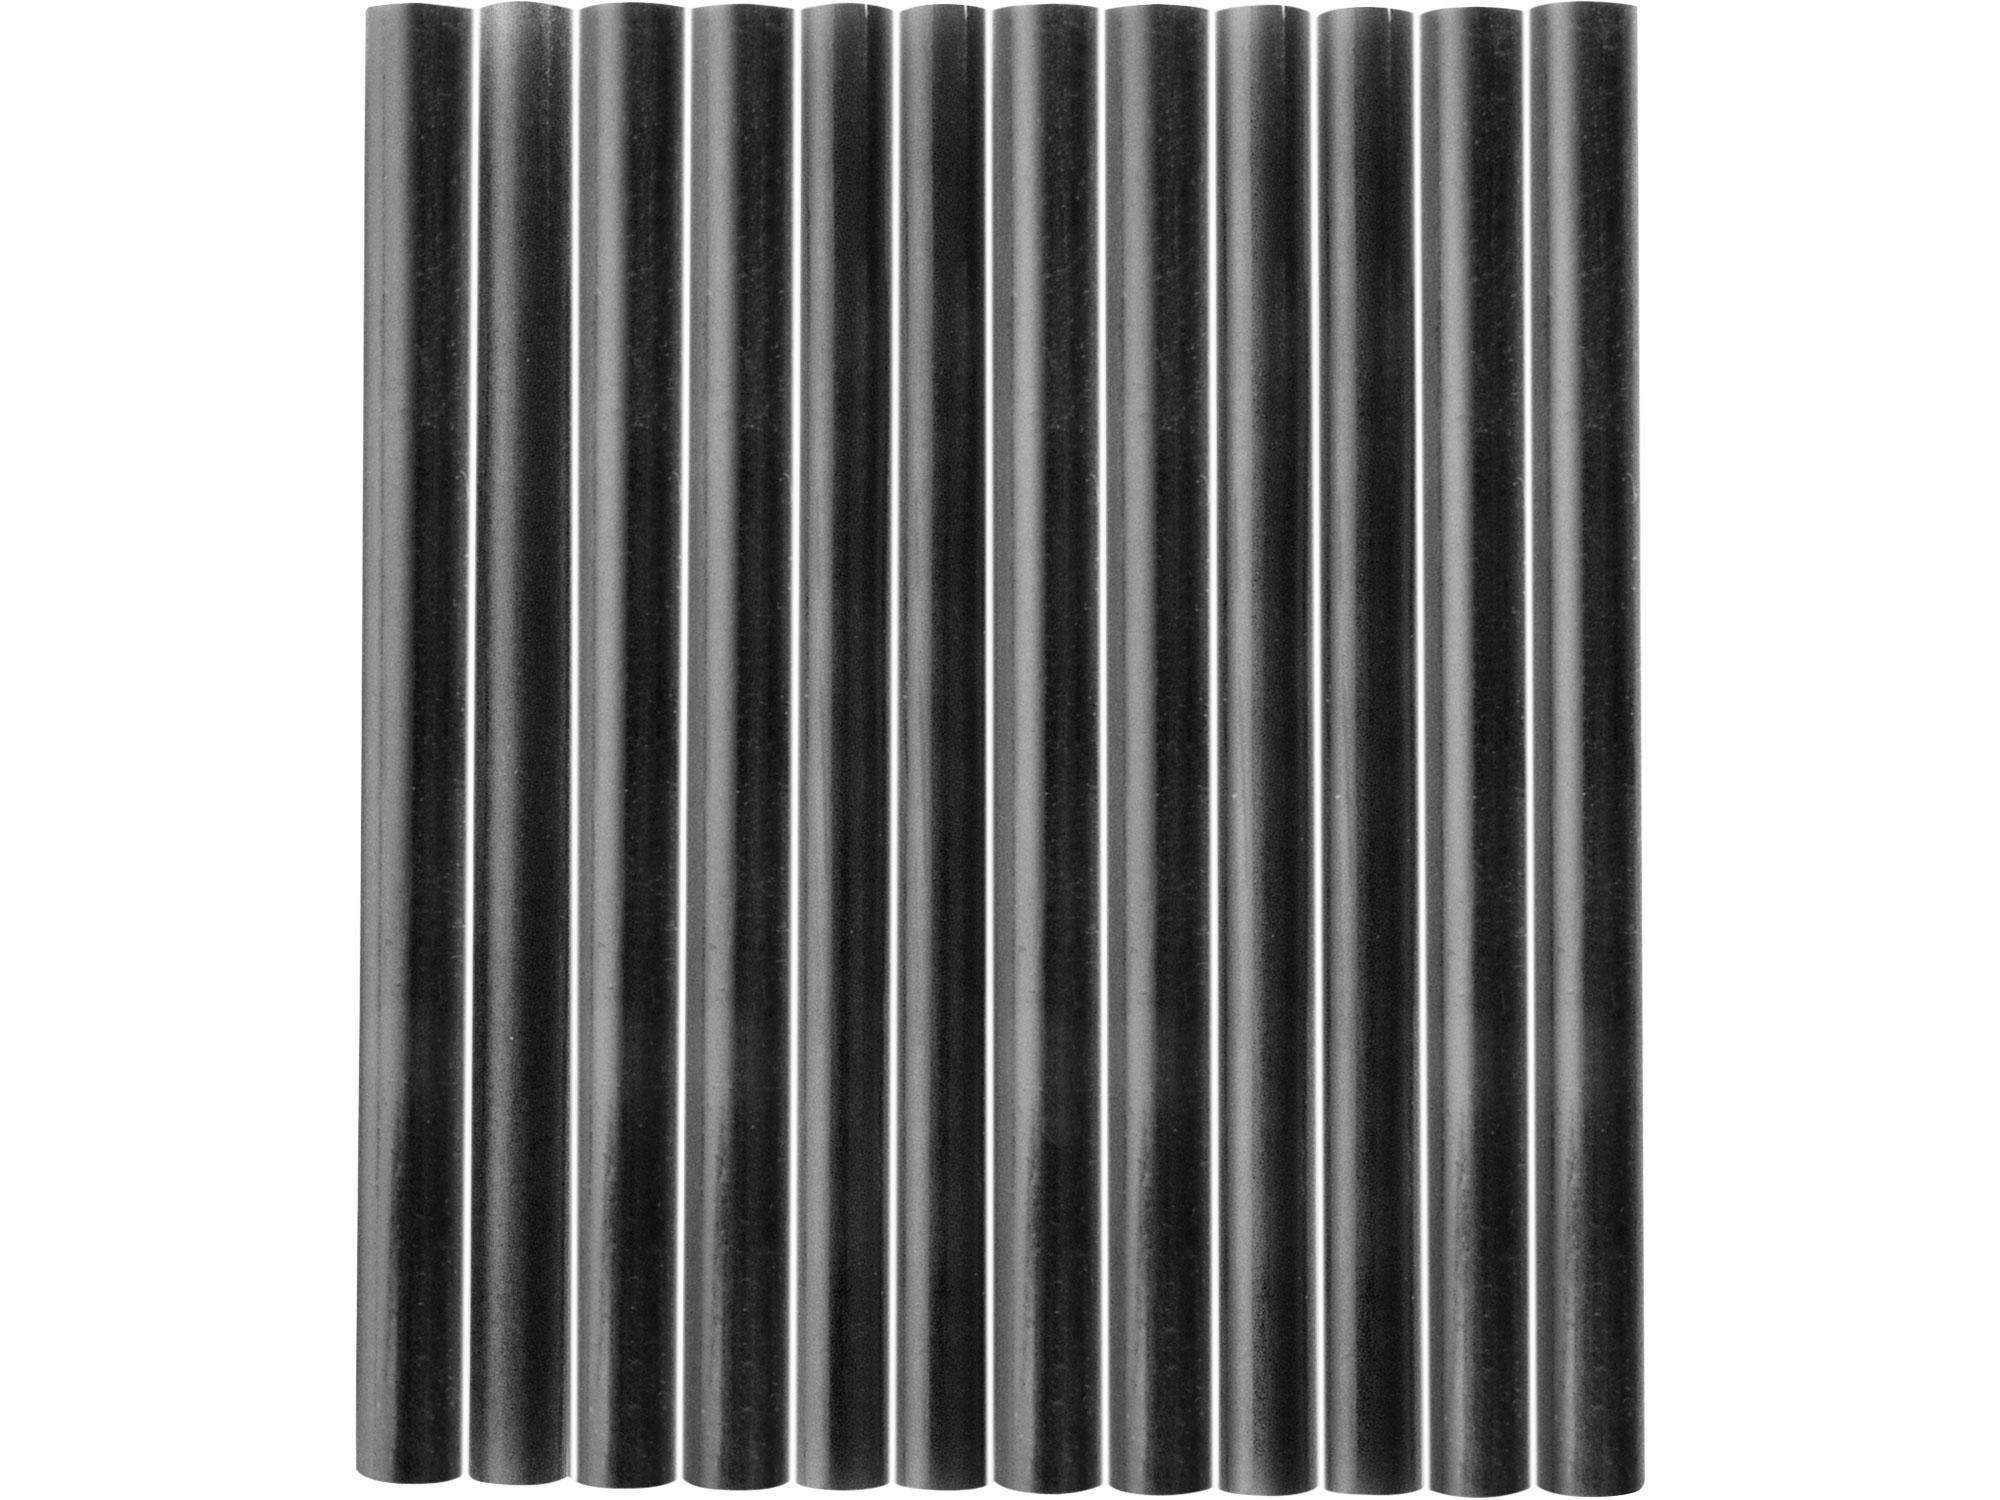 tyčinky tavné, černá barva, pr.7,2x100mm, 12ks 9912